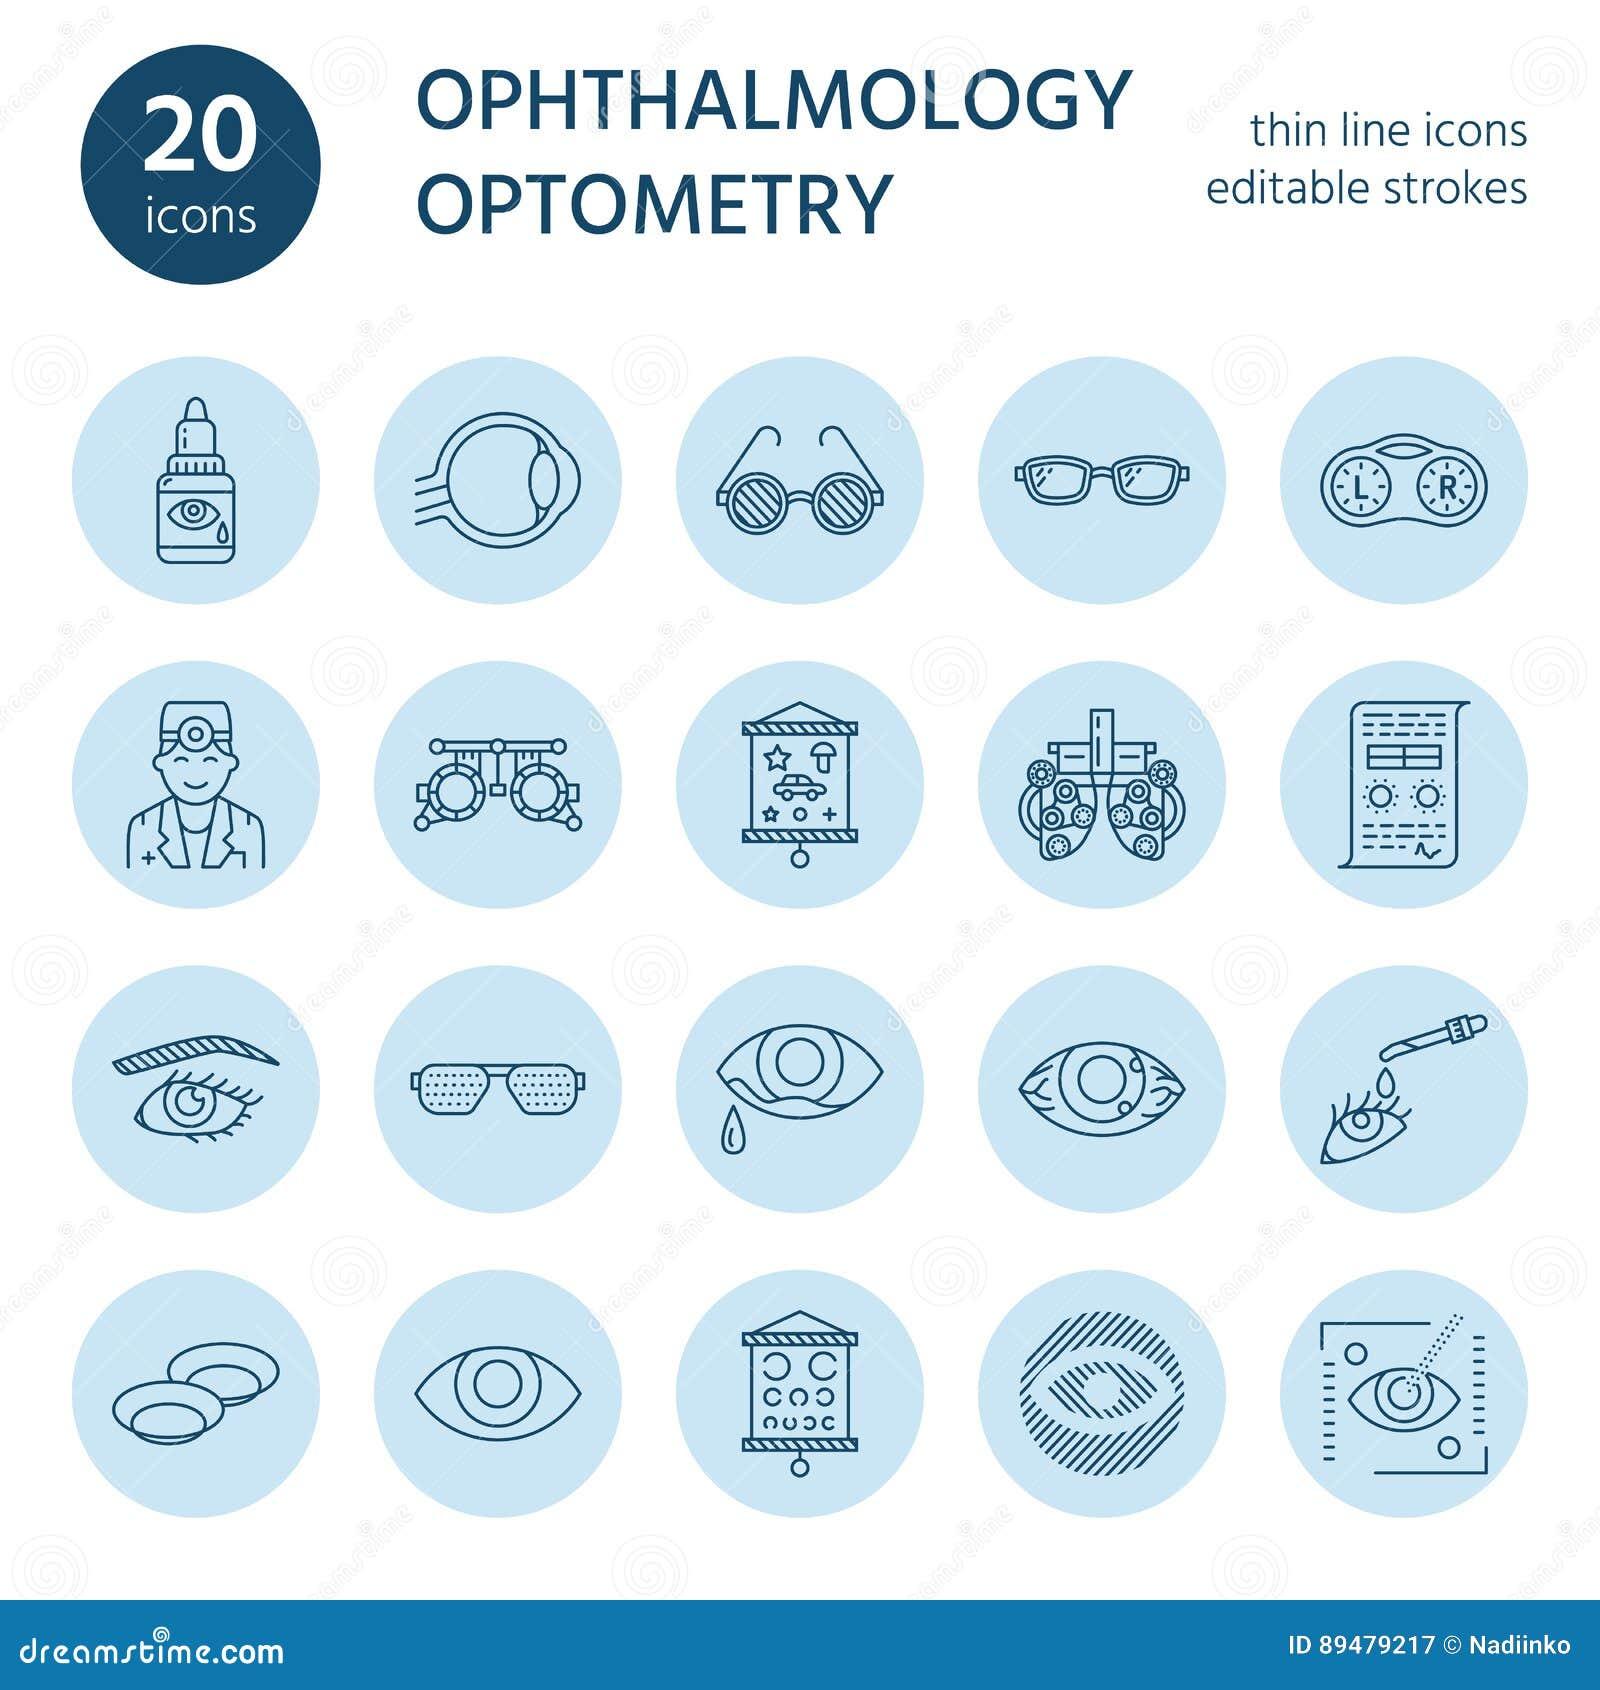 Οφθαλμολογία, εικονίδια γραμμών υγειονομικής περίθαλψης ματιών Εξοπλισμός οπτομετρίας, φακοί επαφής, γυαλιά, τύφλωση Διόρθωση ορά